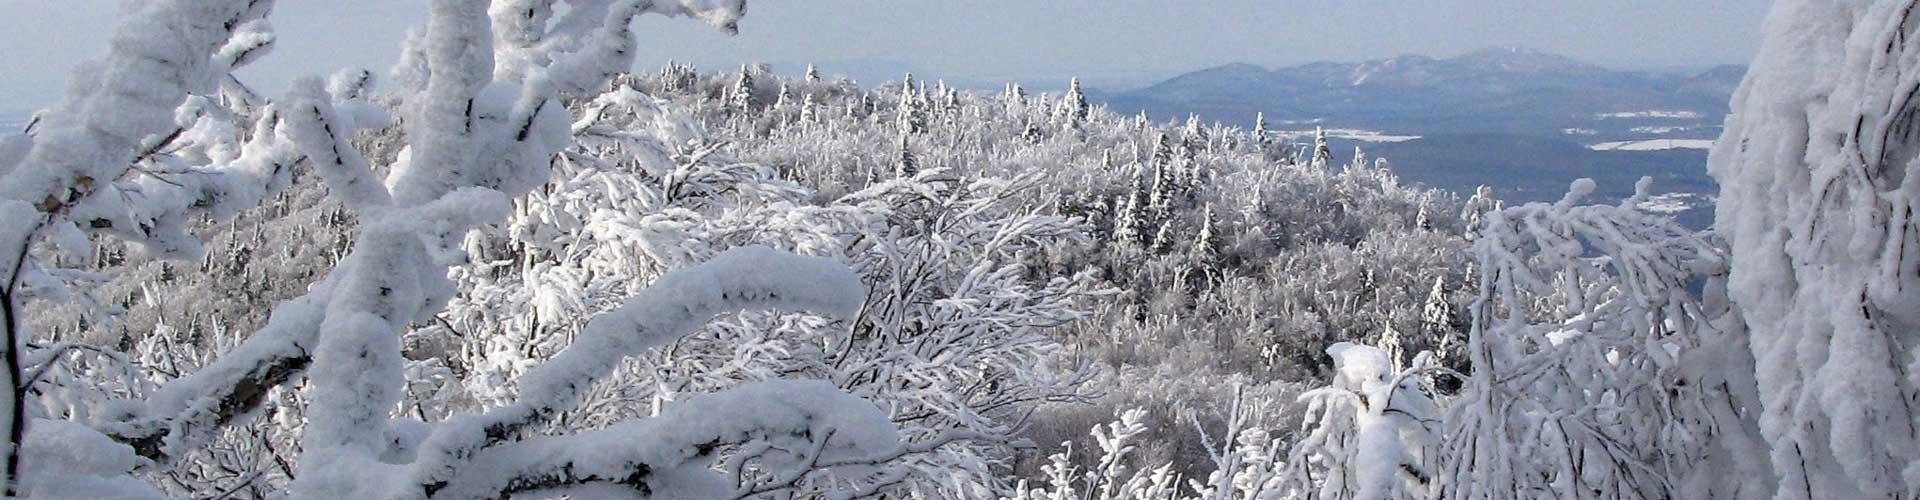 Tourisme Sutton : La randonnée d'hiver à Sutton